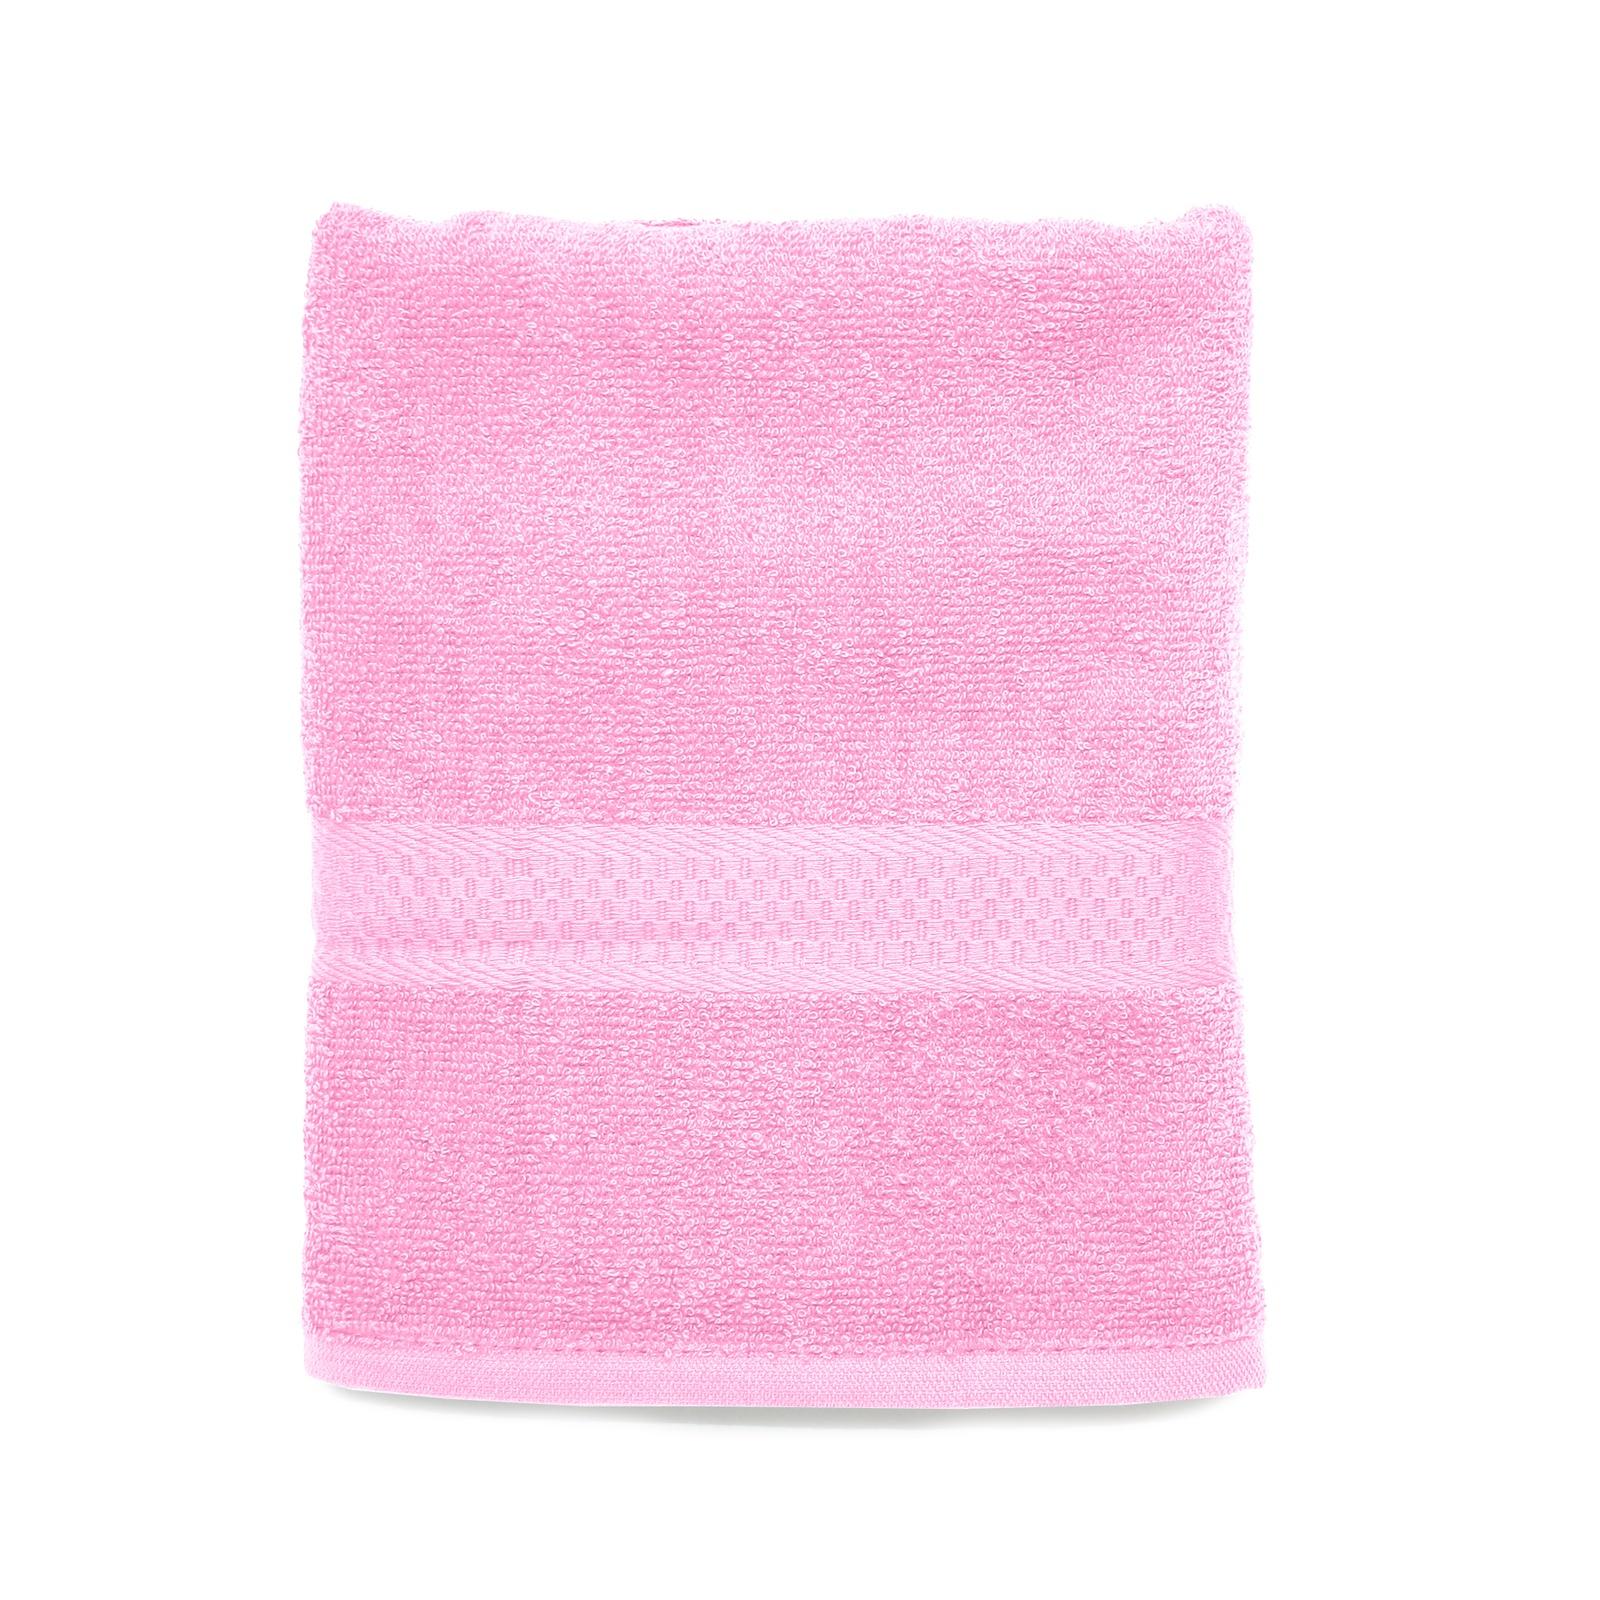 Полотенце банное Spany, 21311318194, махровое, розовый, 70 х 130 см21311318194Полотенце банное 70*130 Spany, махровое, розовое